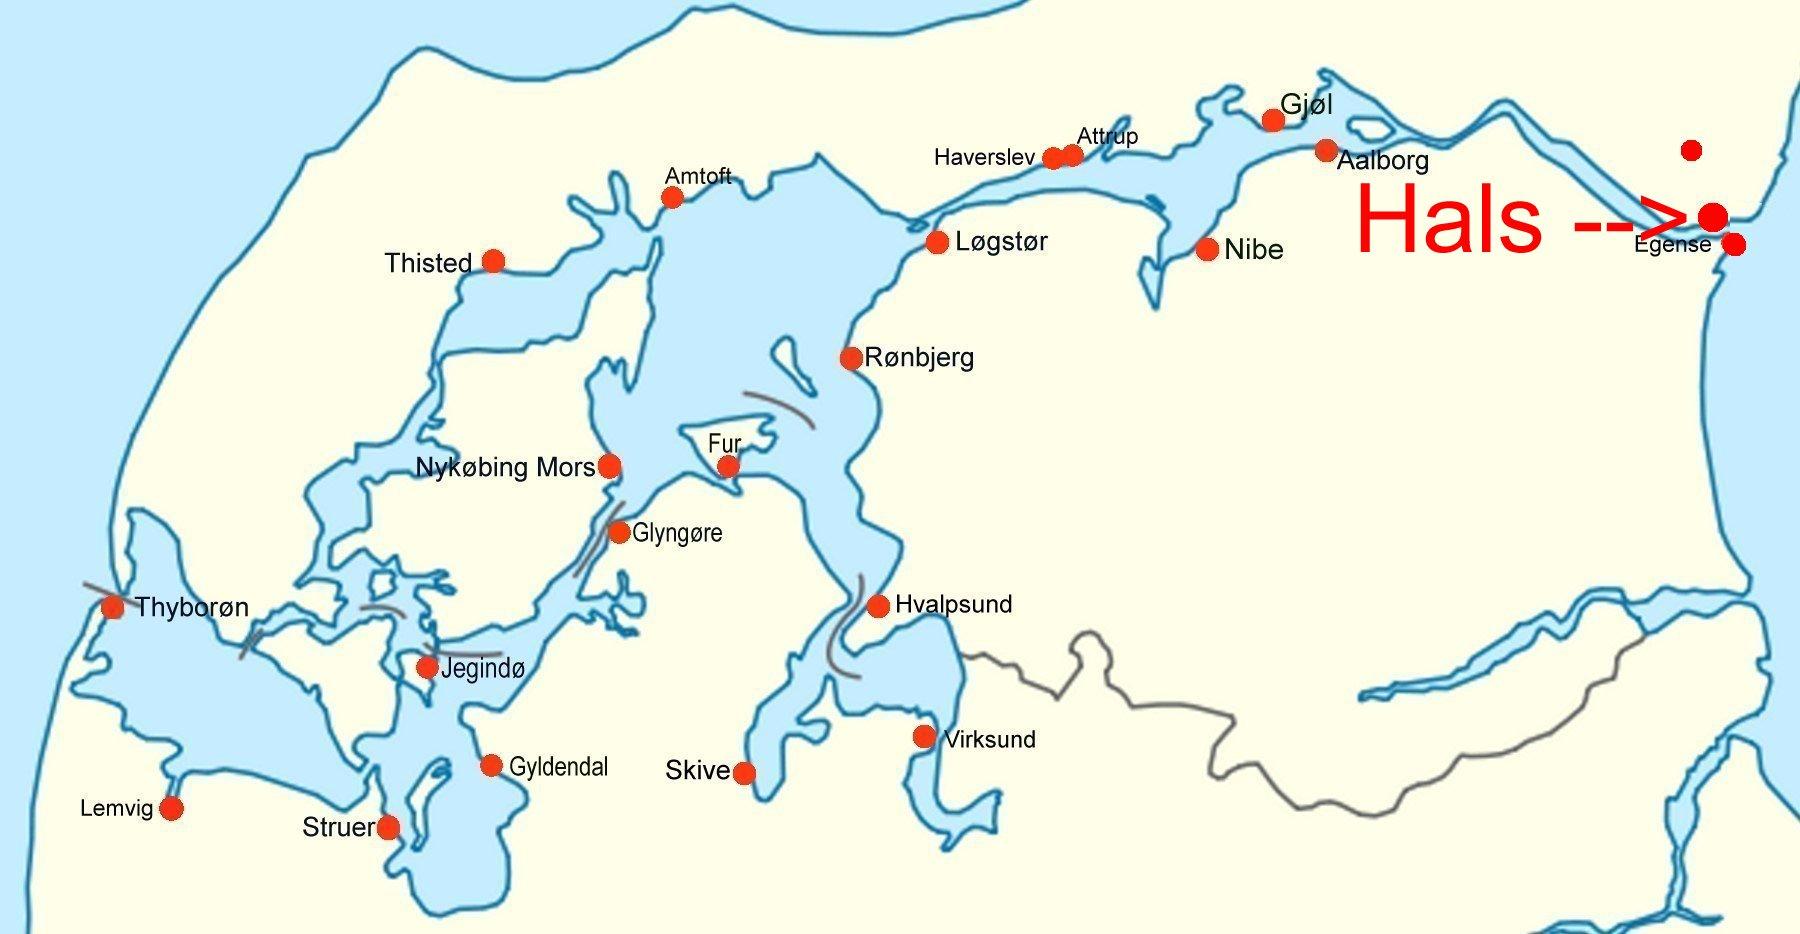 online hafenhandbuch d nemark yachthafen hals am limfjord. Black Bedroom Furniture Sets. Home Design Ideas